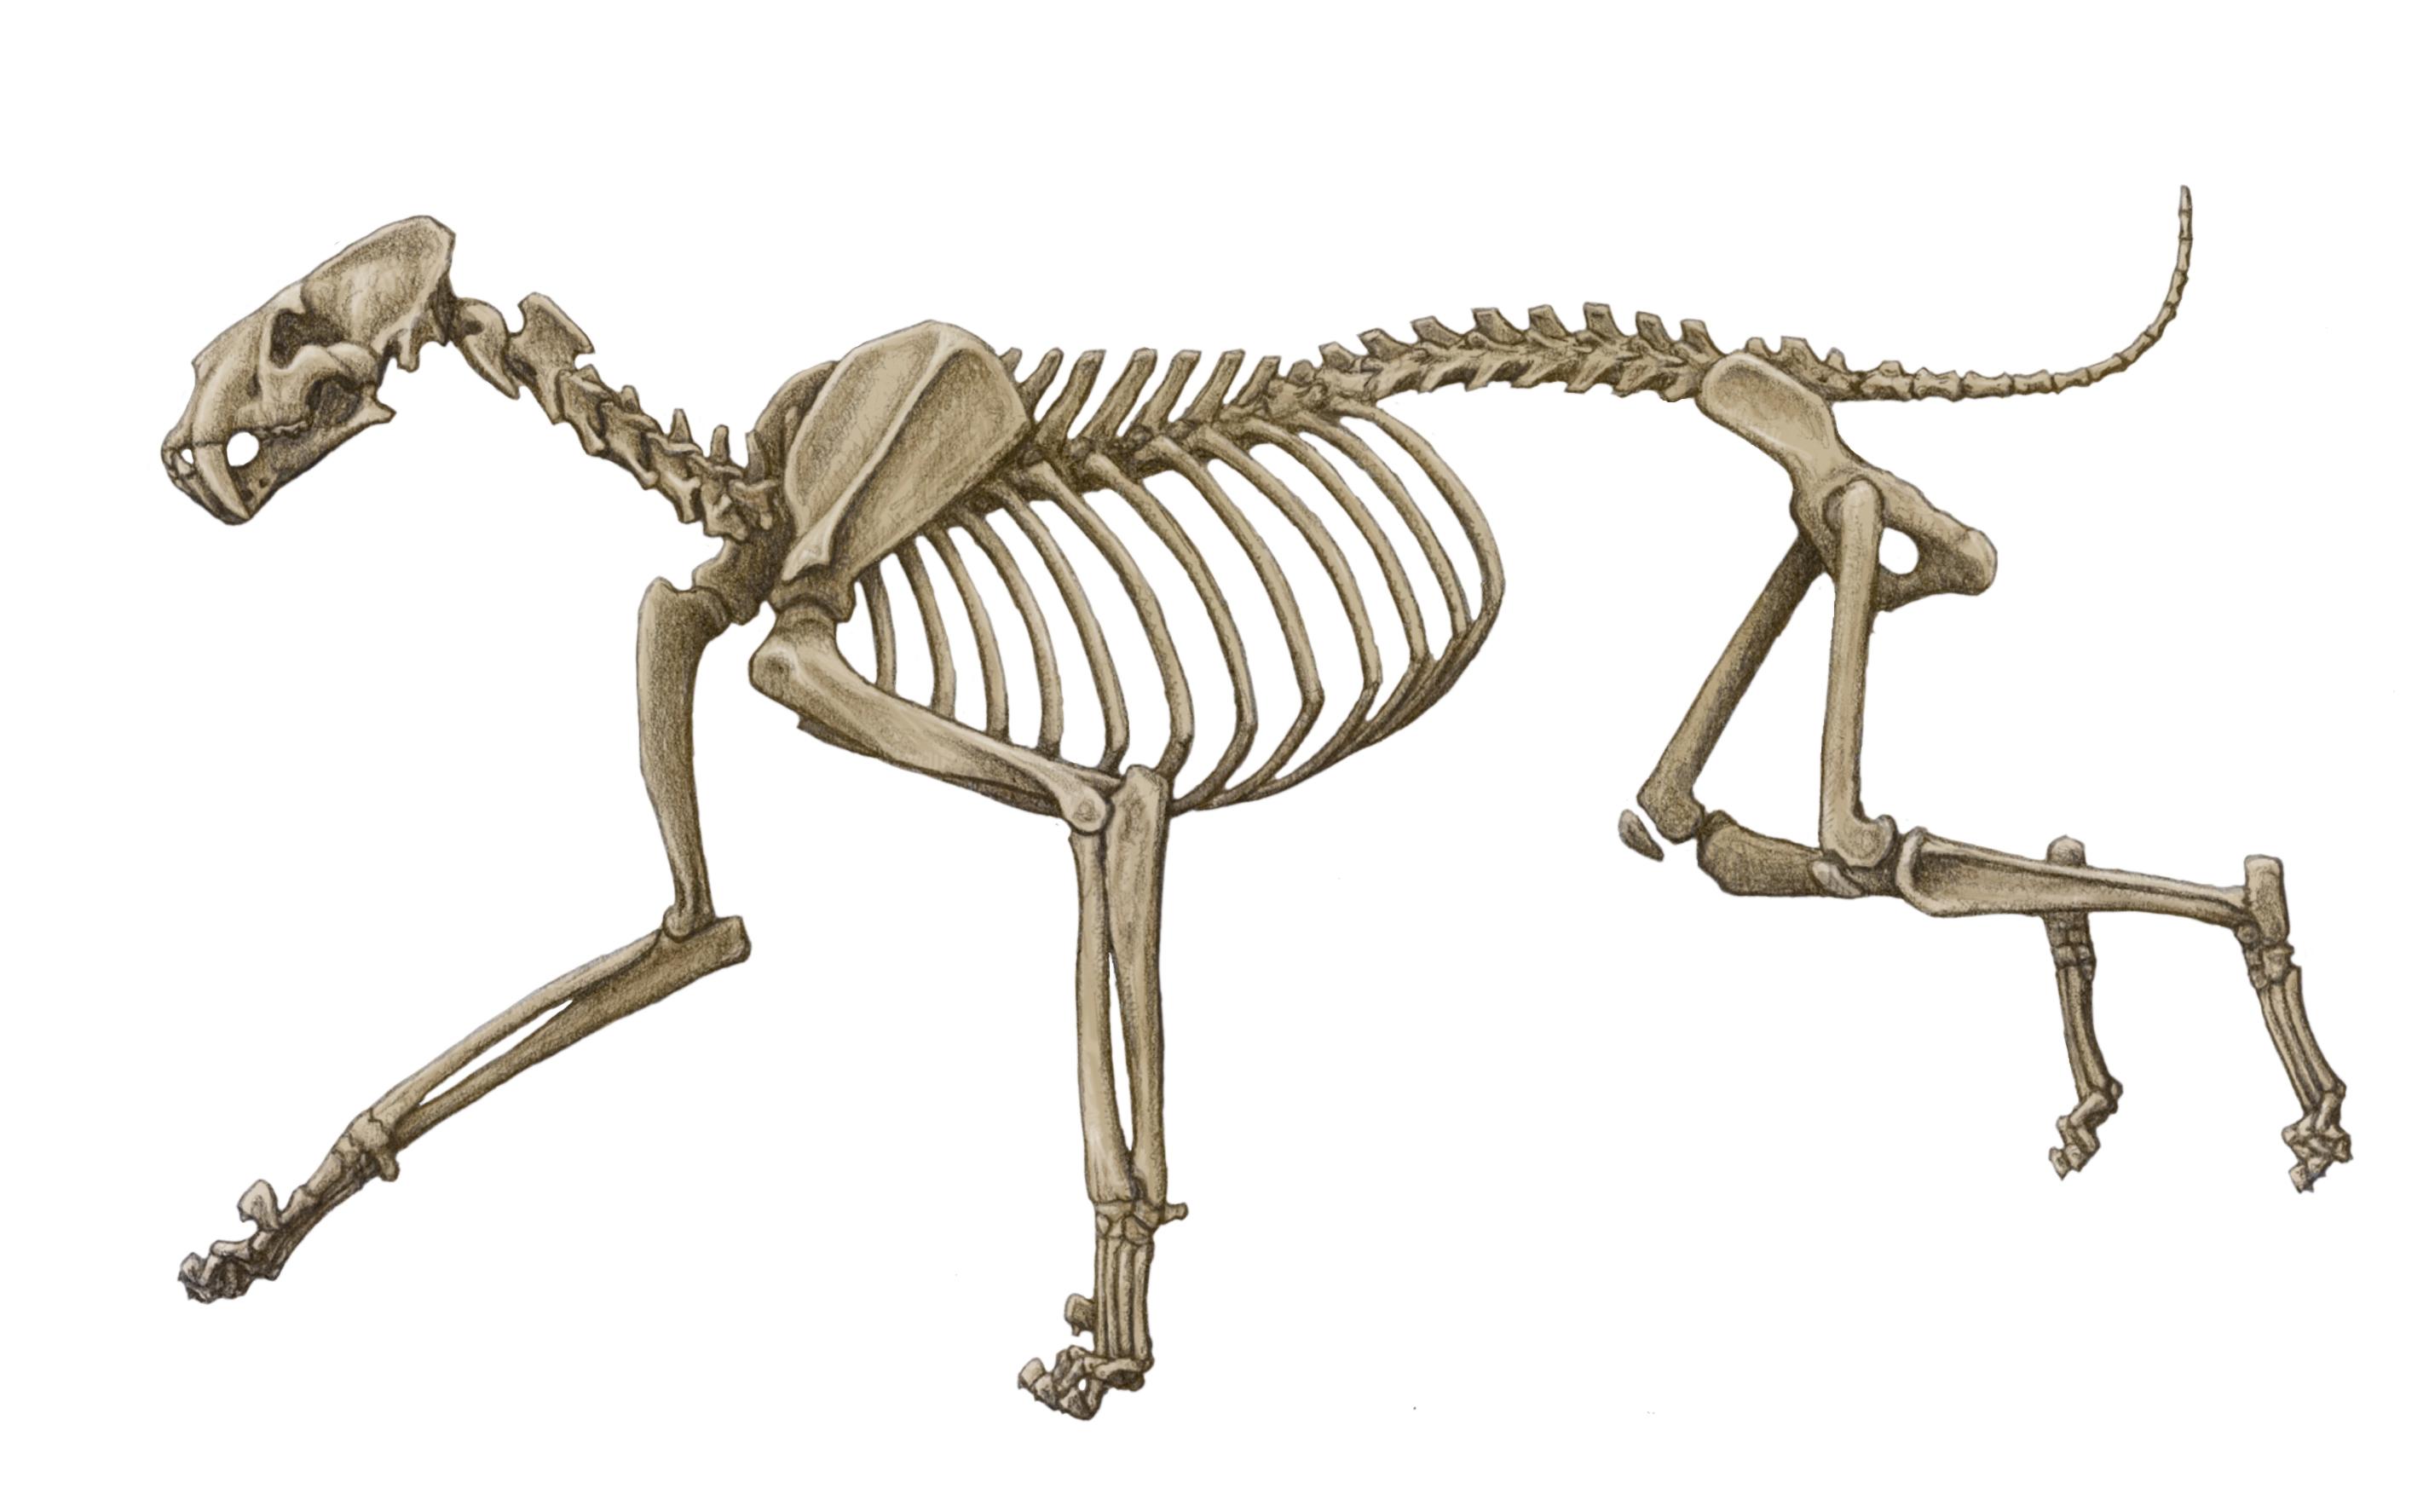 Drawn sleleton cat Sabretooths latidens 3 Homotherium chasing